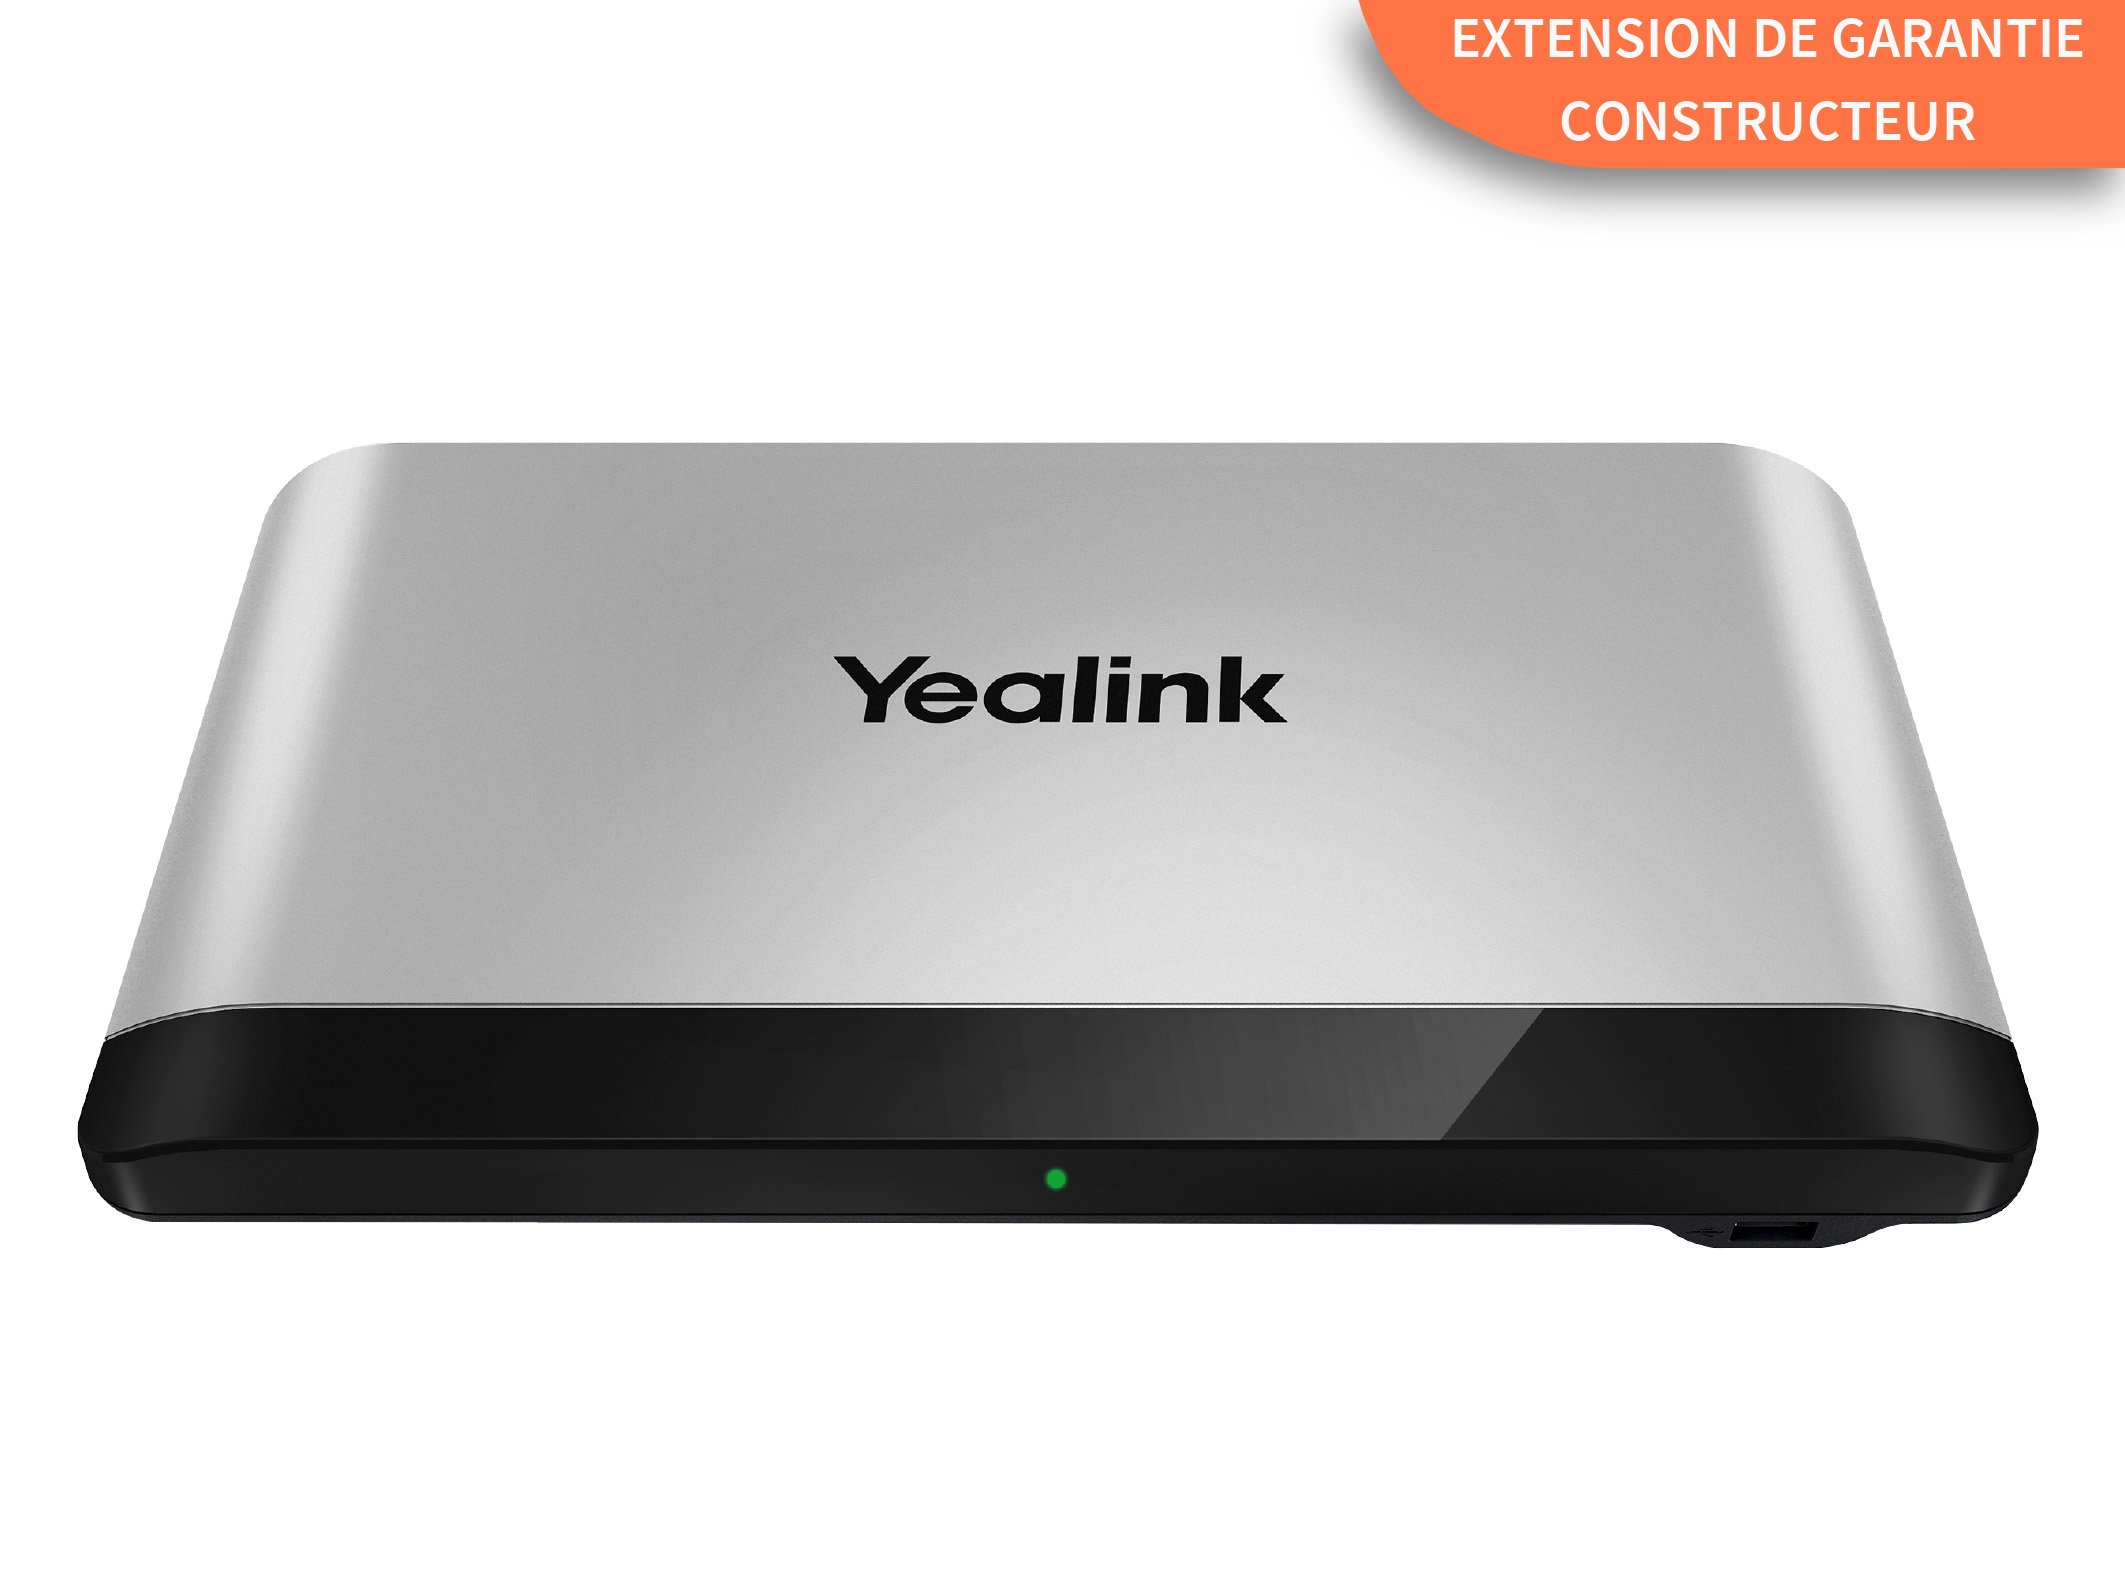 YEALINK Yealink VC880 - AMS 1 an